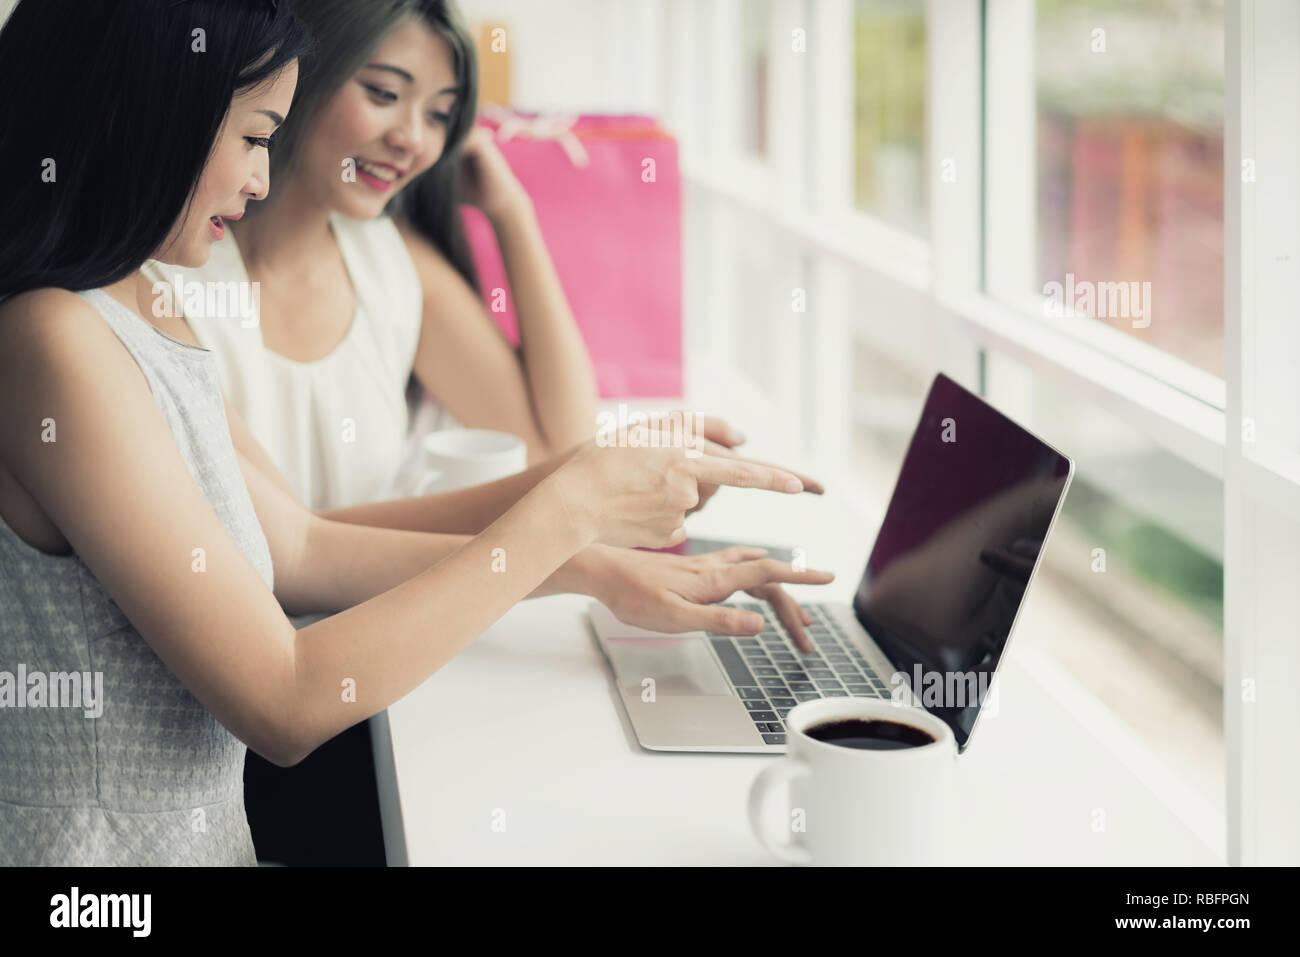 76c17902f81d82 Zwei asiatische Frau zusammen Einkaufen mit Tüten in der Hand und mit  Laptop, Shopping online Konzept.